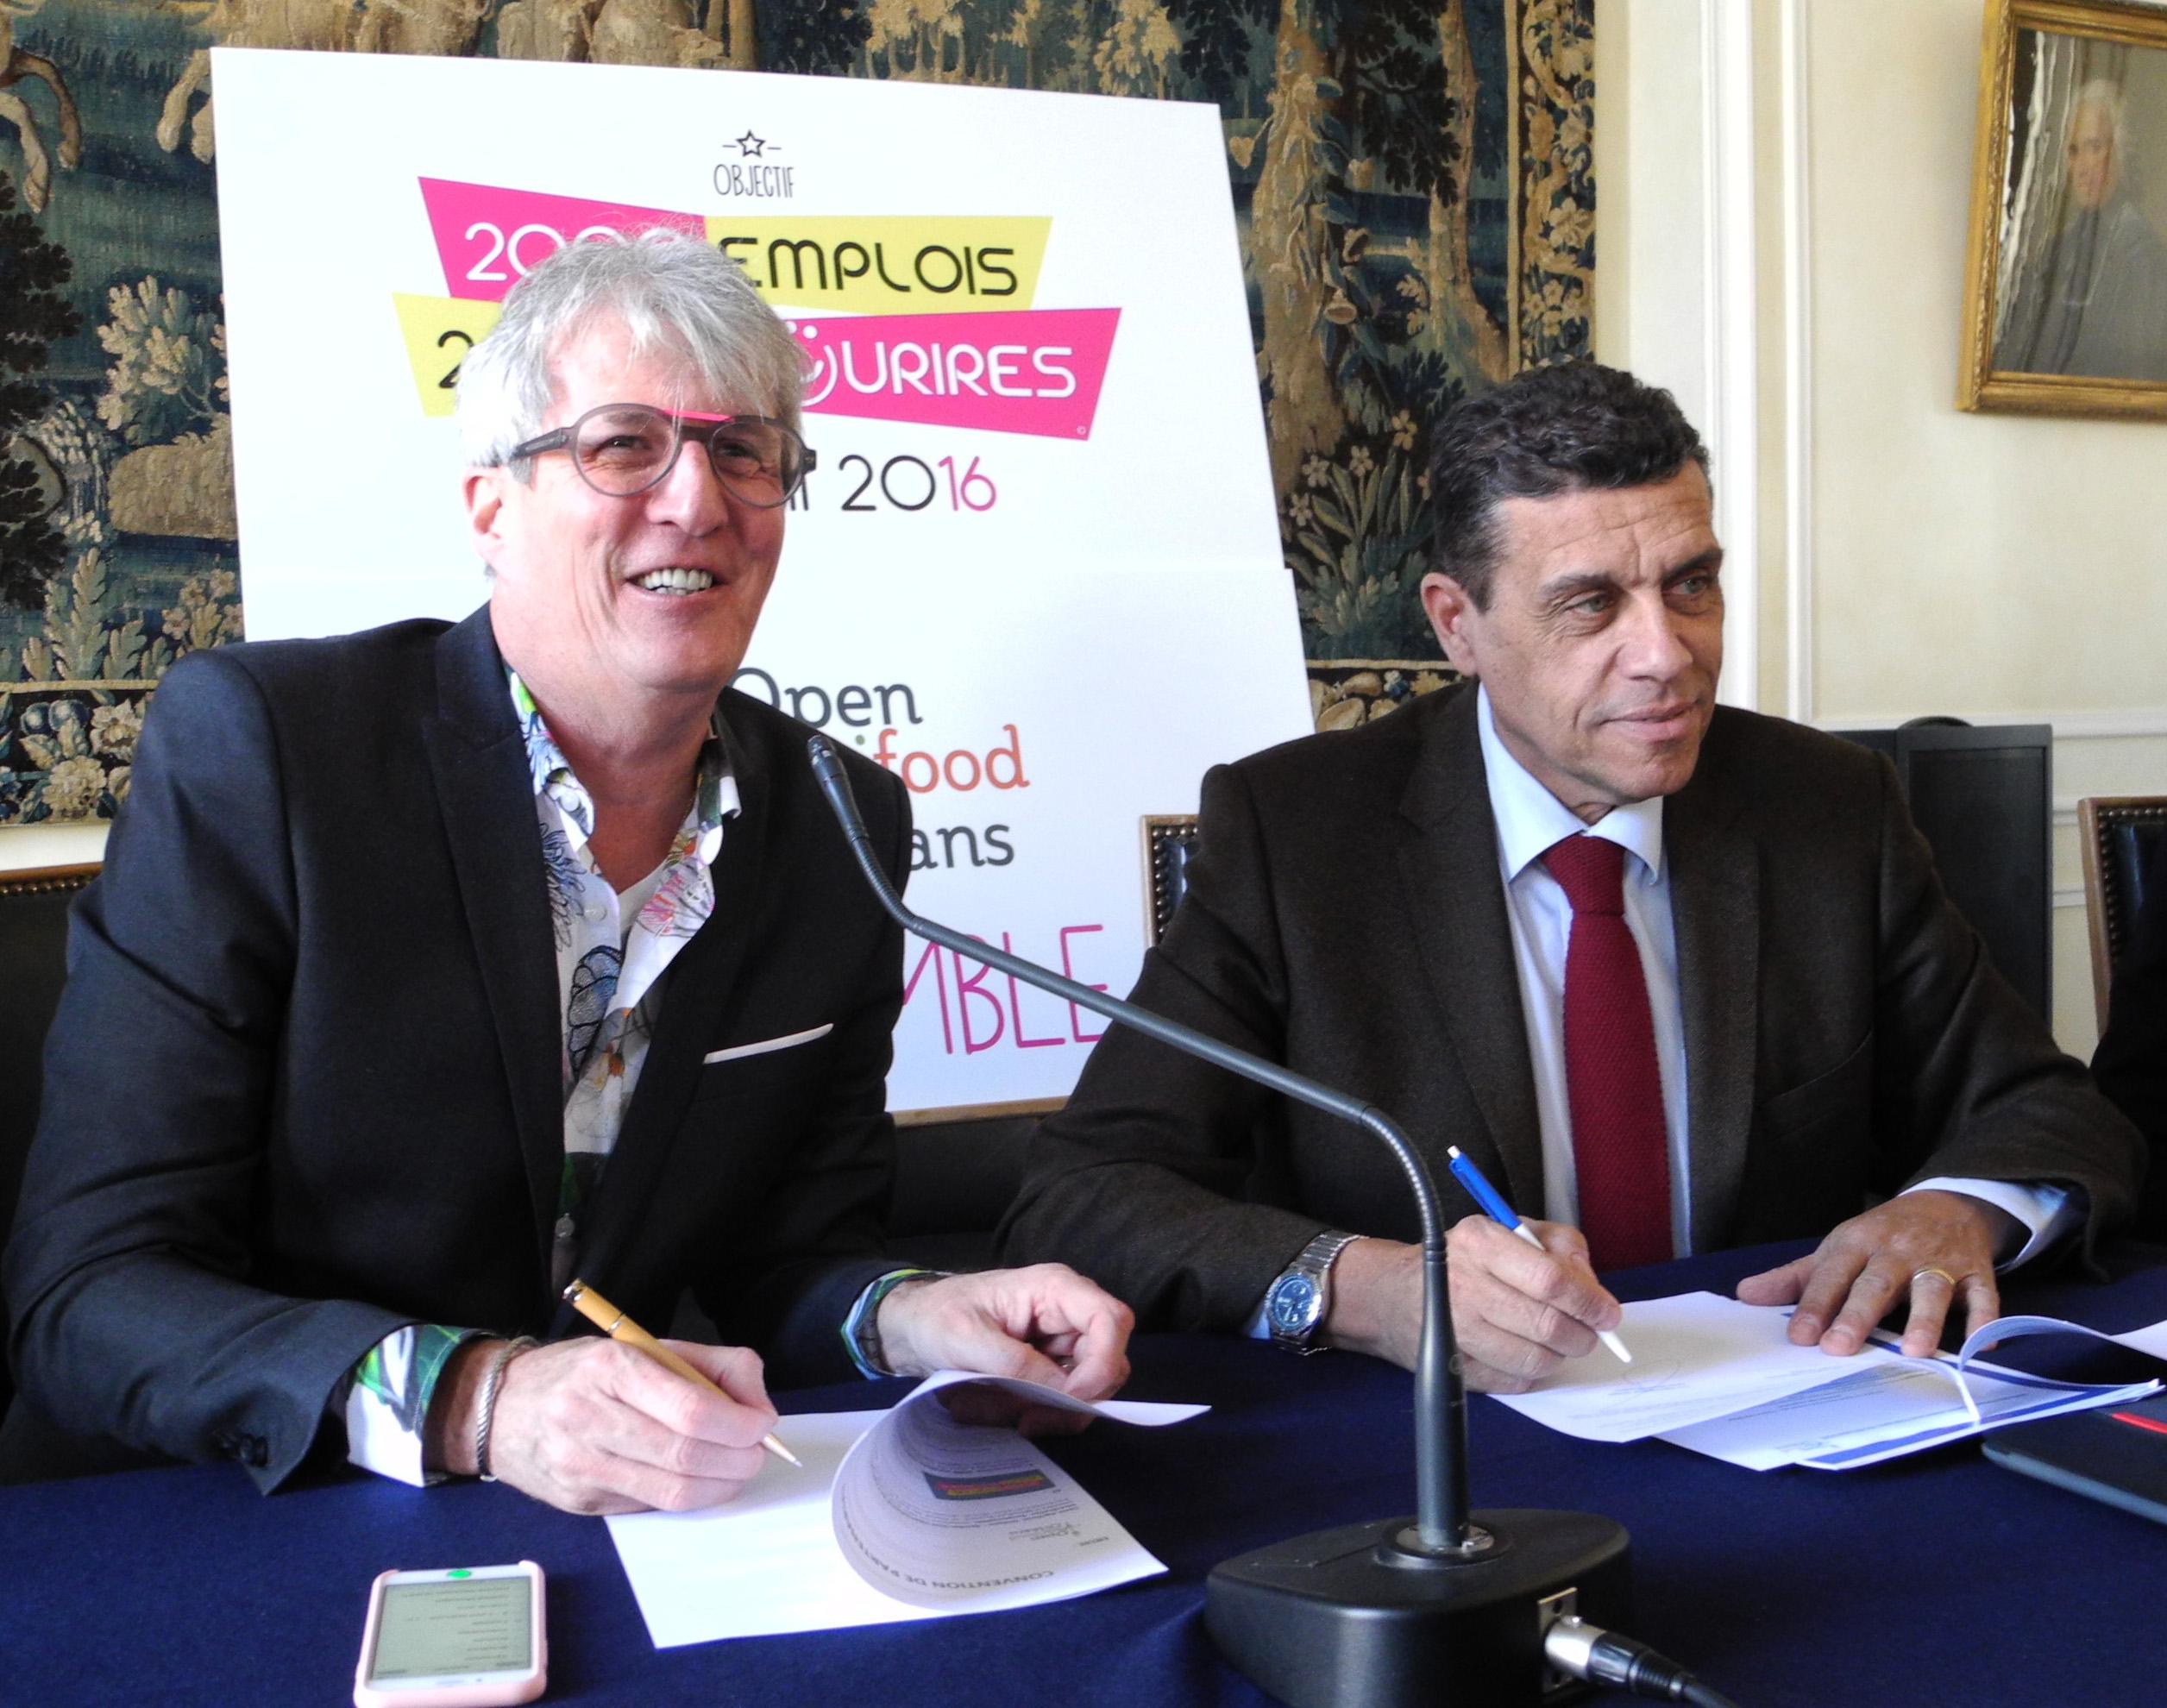 5fd81c8edb03 ... Xavier Beulin et Alex Vagner ont signé une convention de partenariat  entre l Open agrifood et 2000 emplois 2000 sourires. L objectif est de  mettre ...